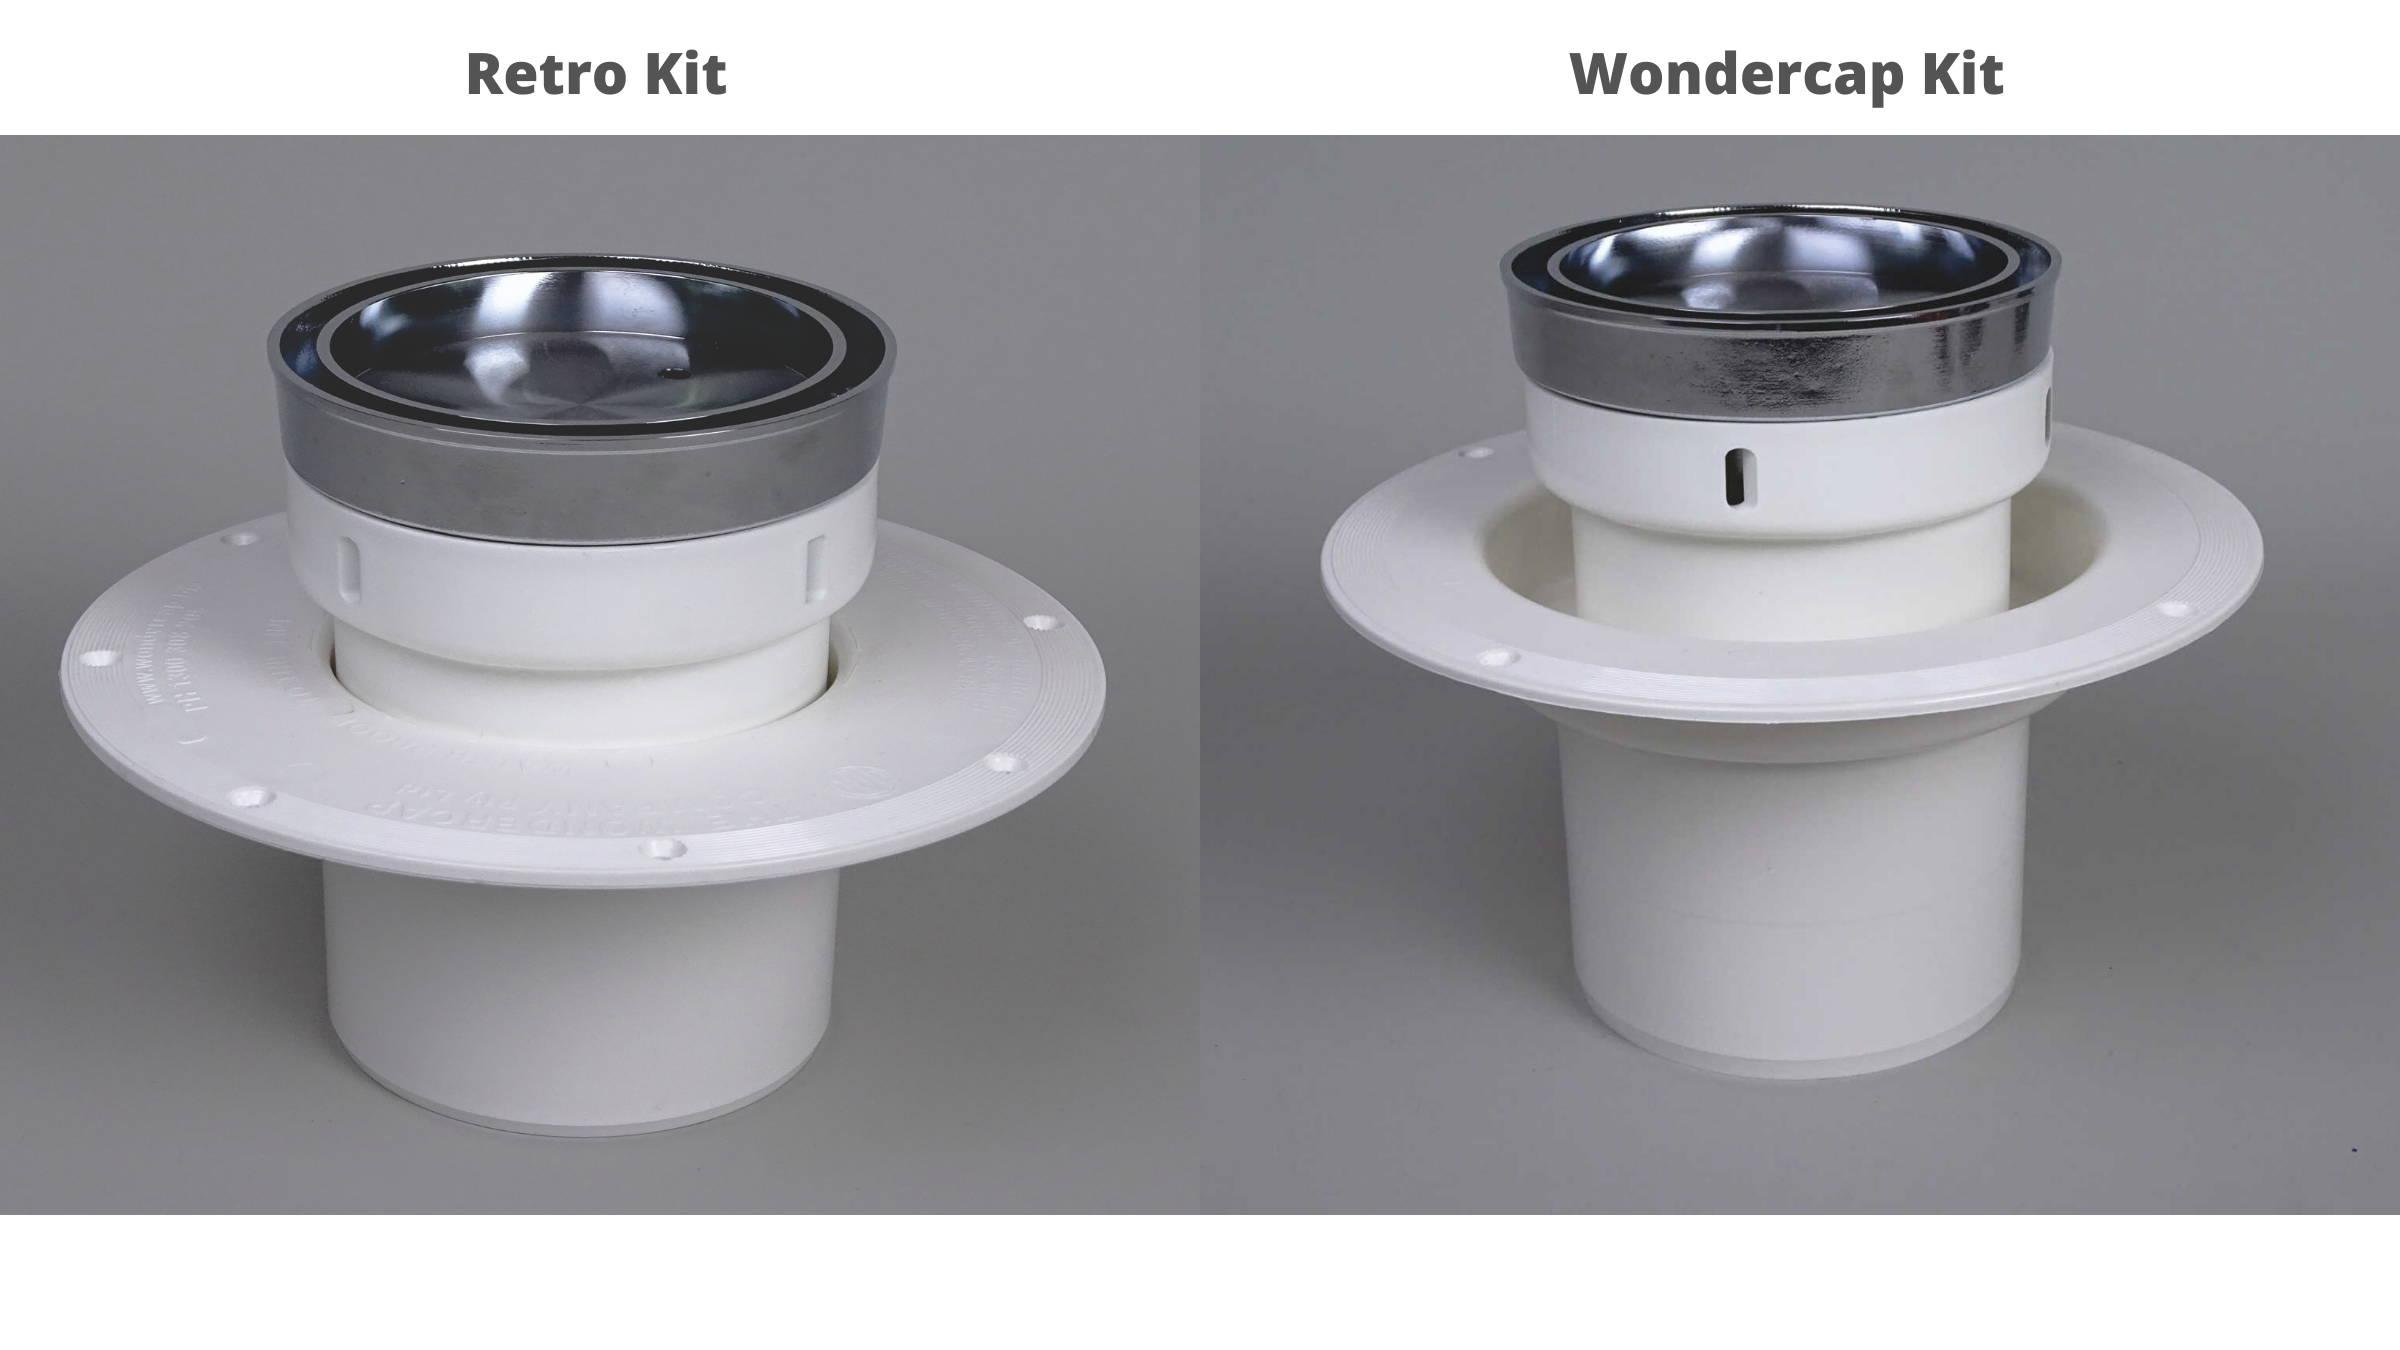 Round Tile-Insert Shower Drain Grate